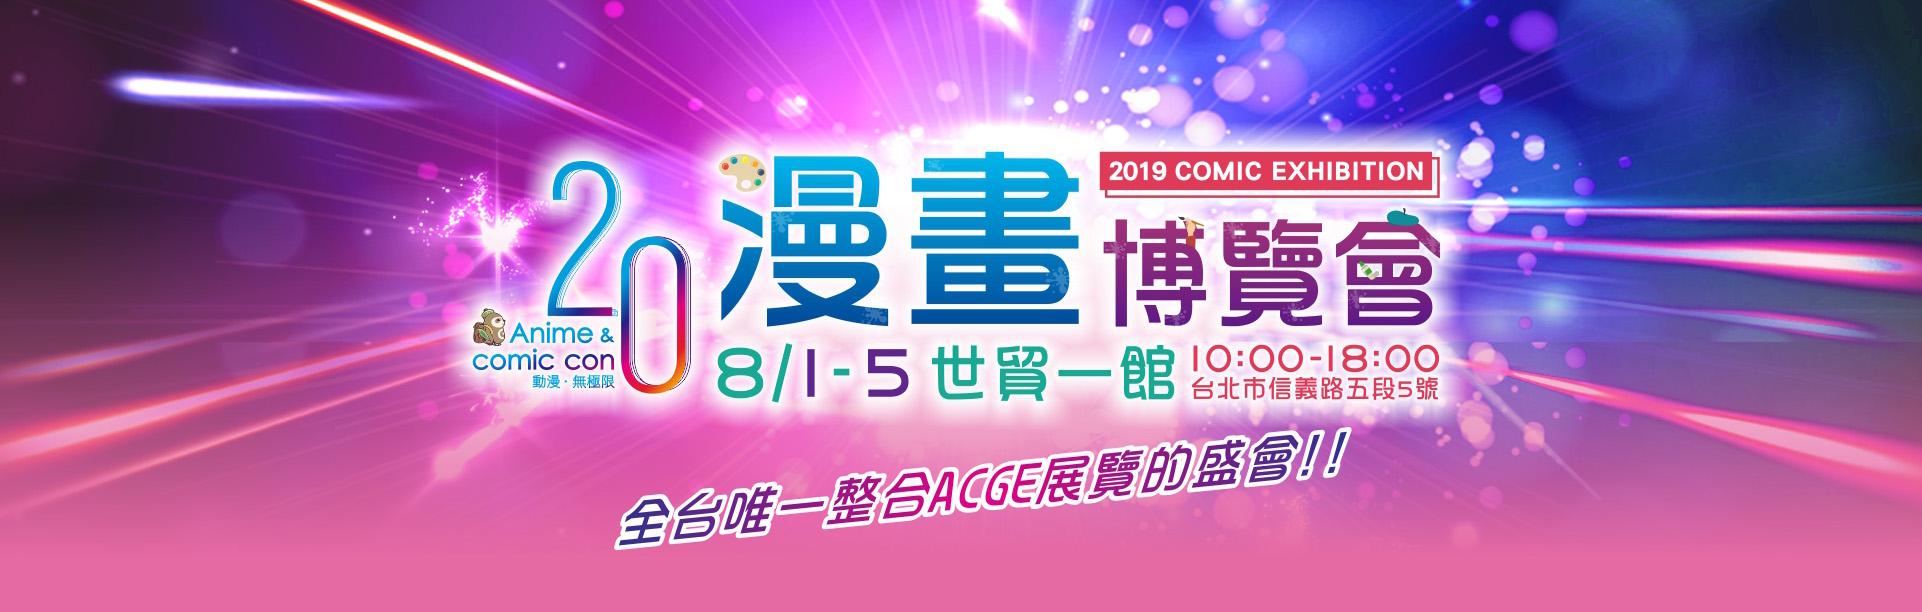 台湾漫画博覧会、色々まとめて